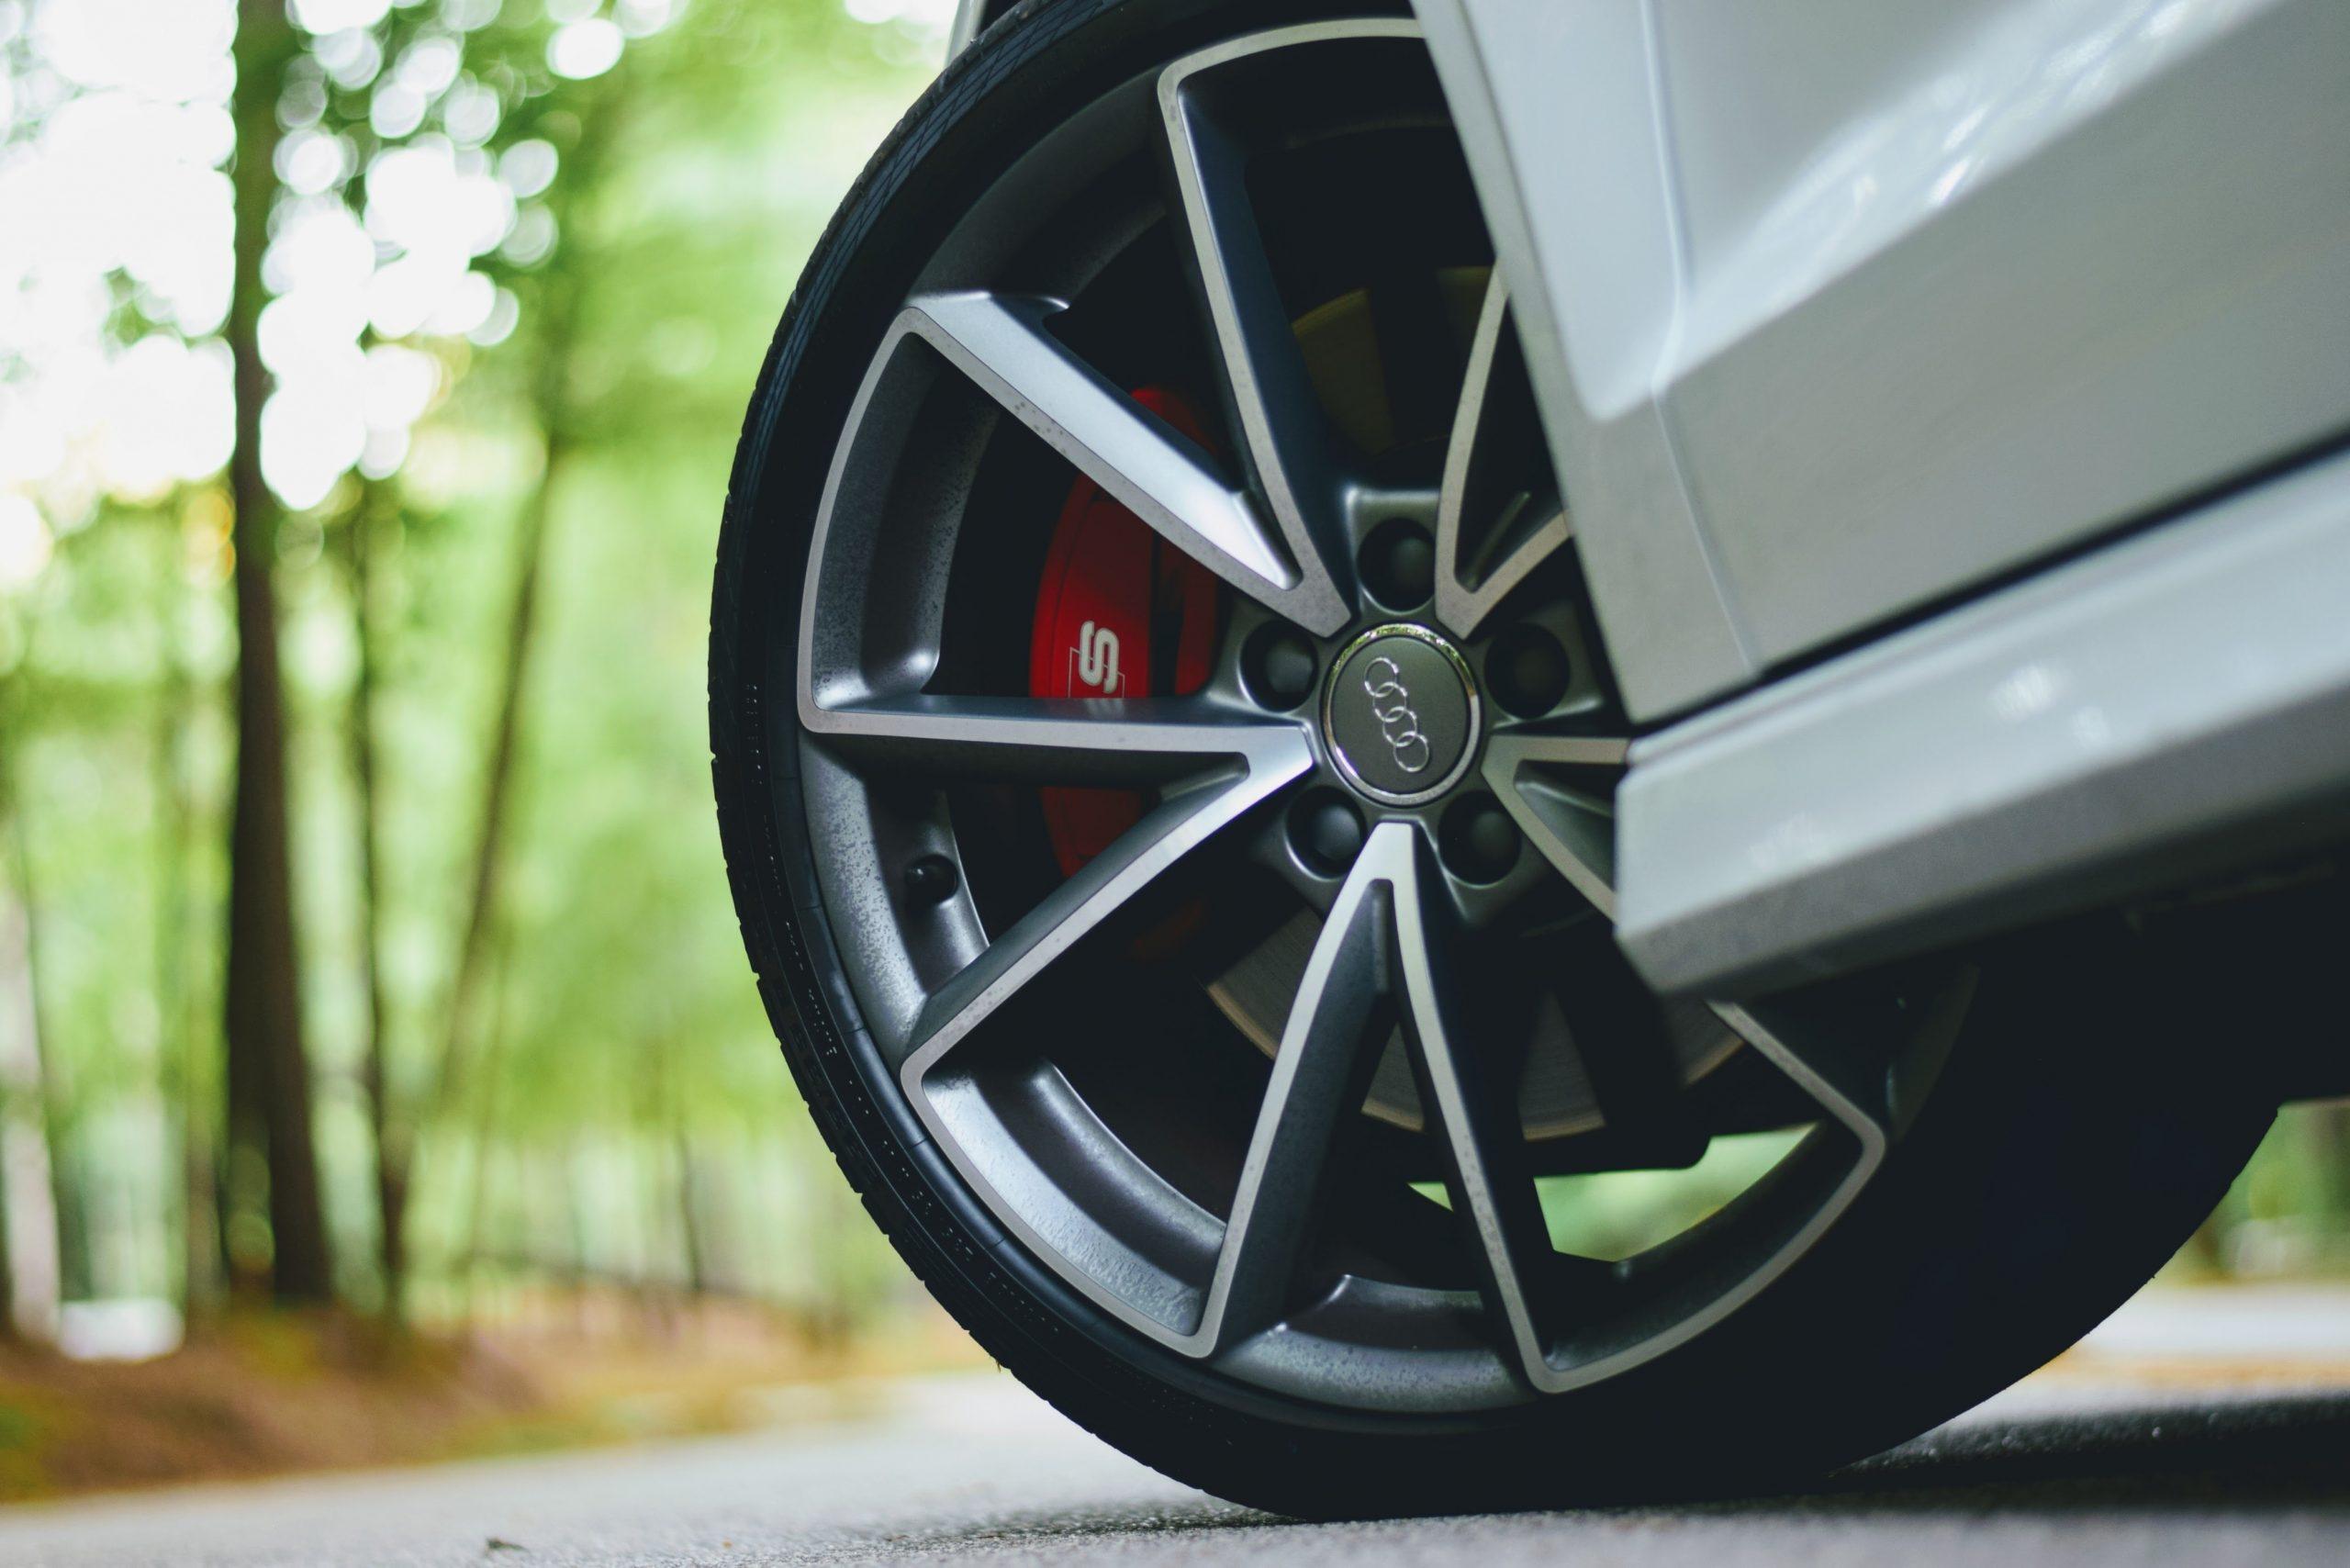 Velg en band van een Audi RS